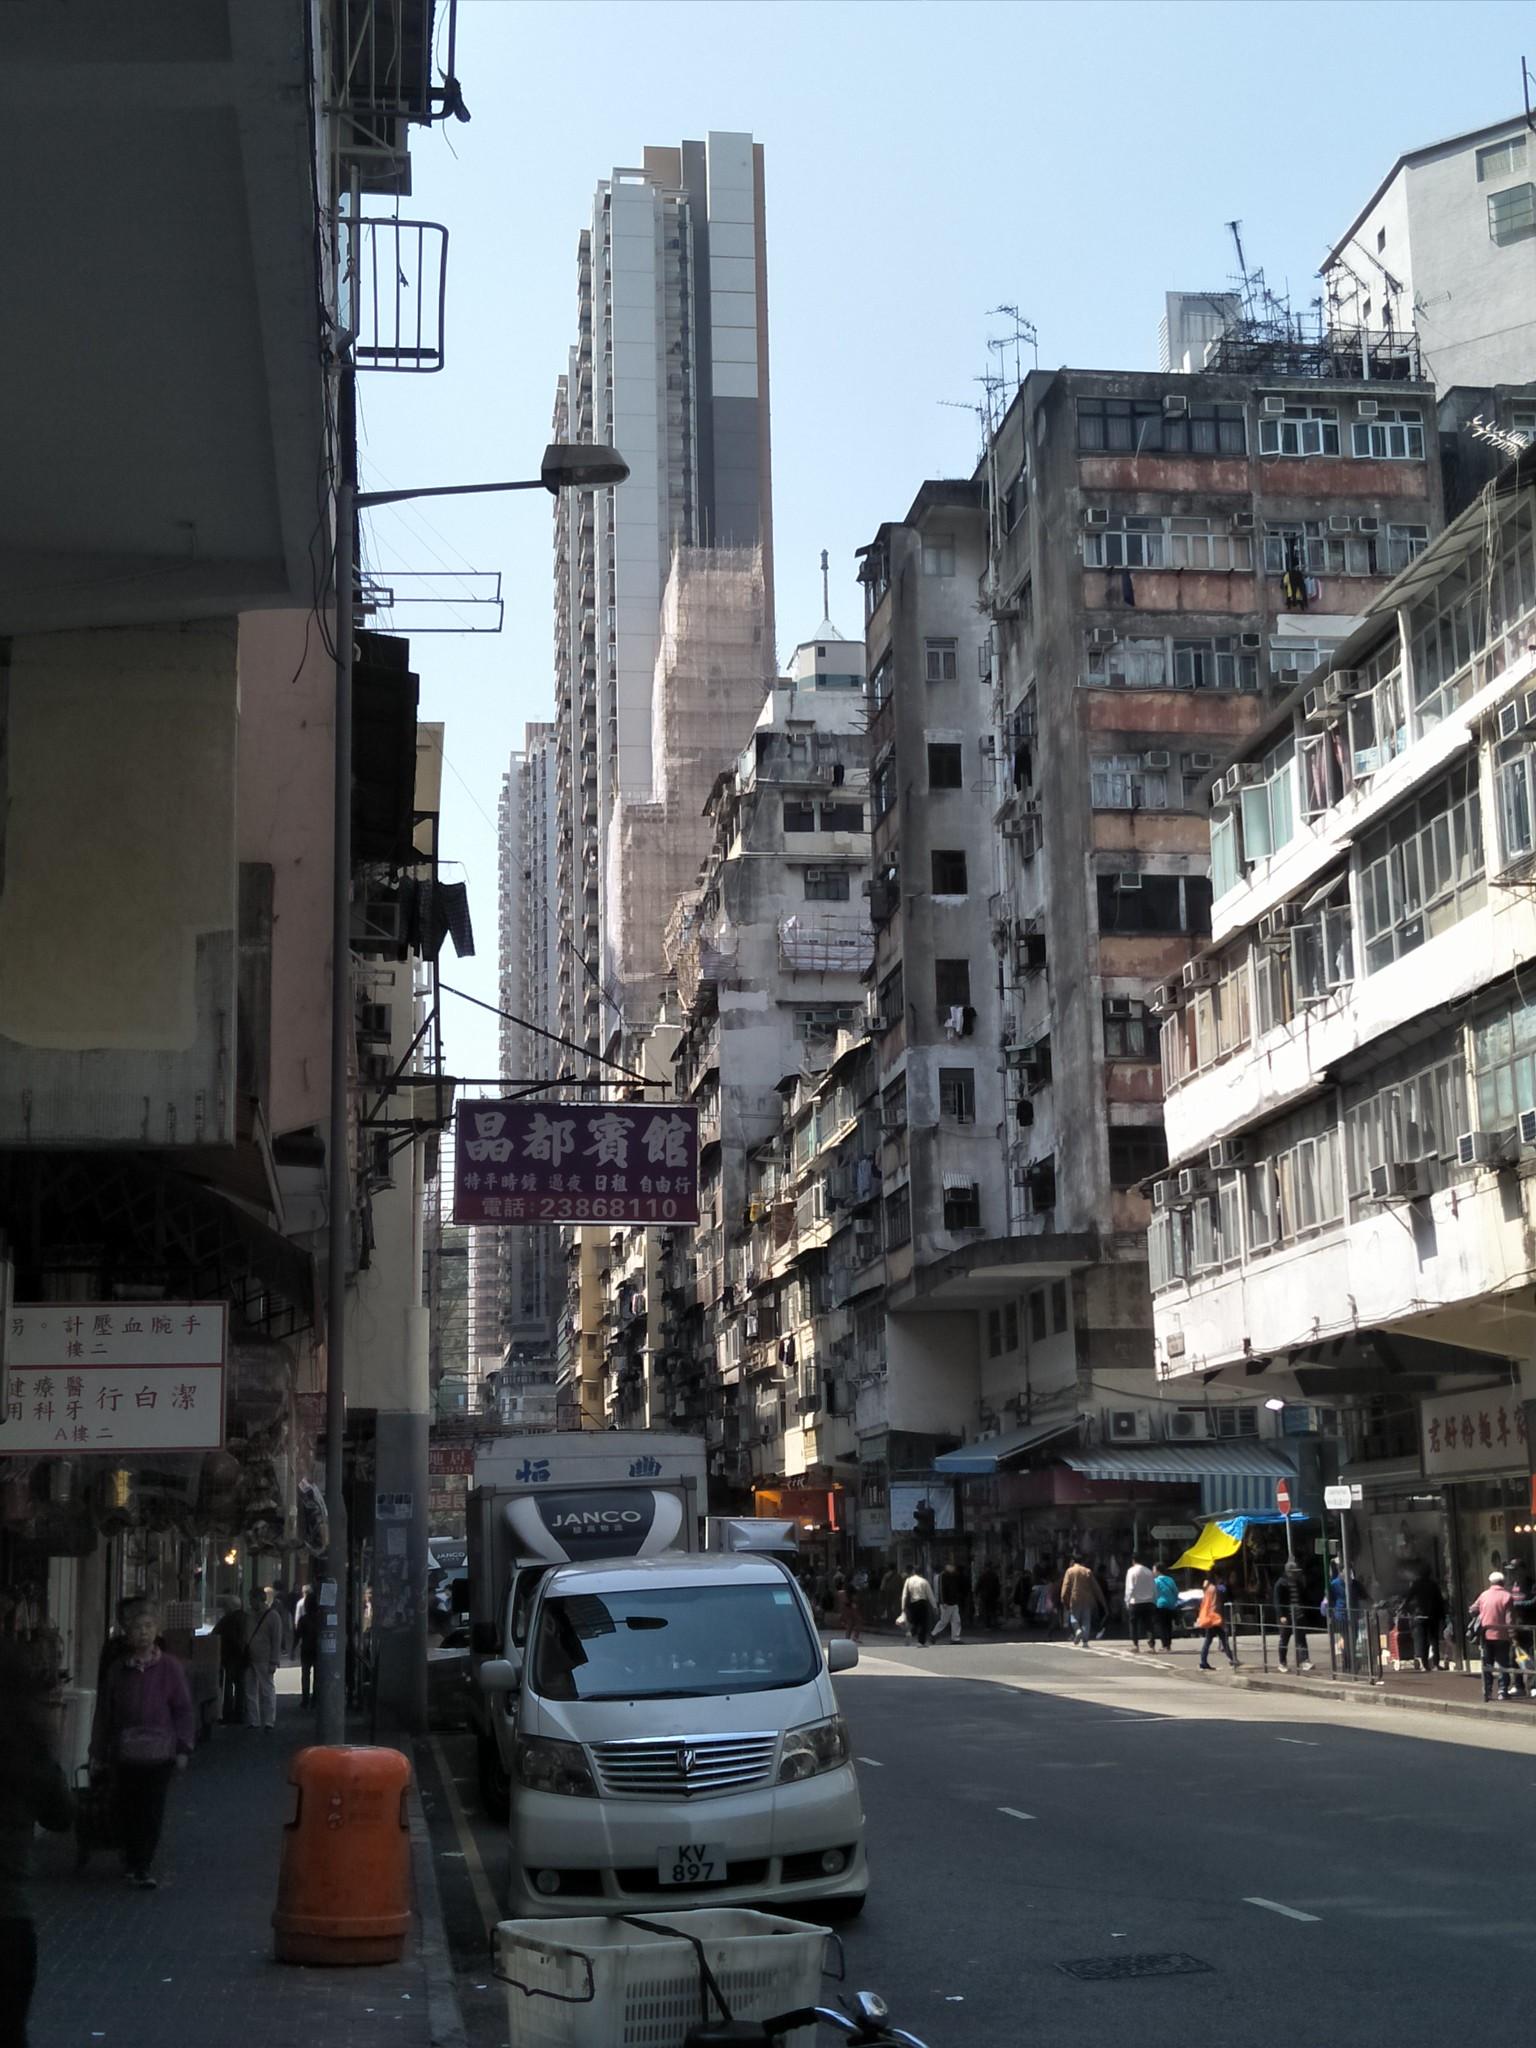 香港深水埗。(照片提供:钟乔)